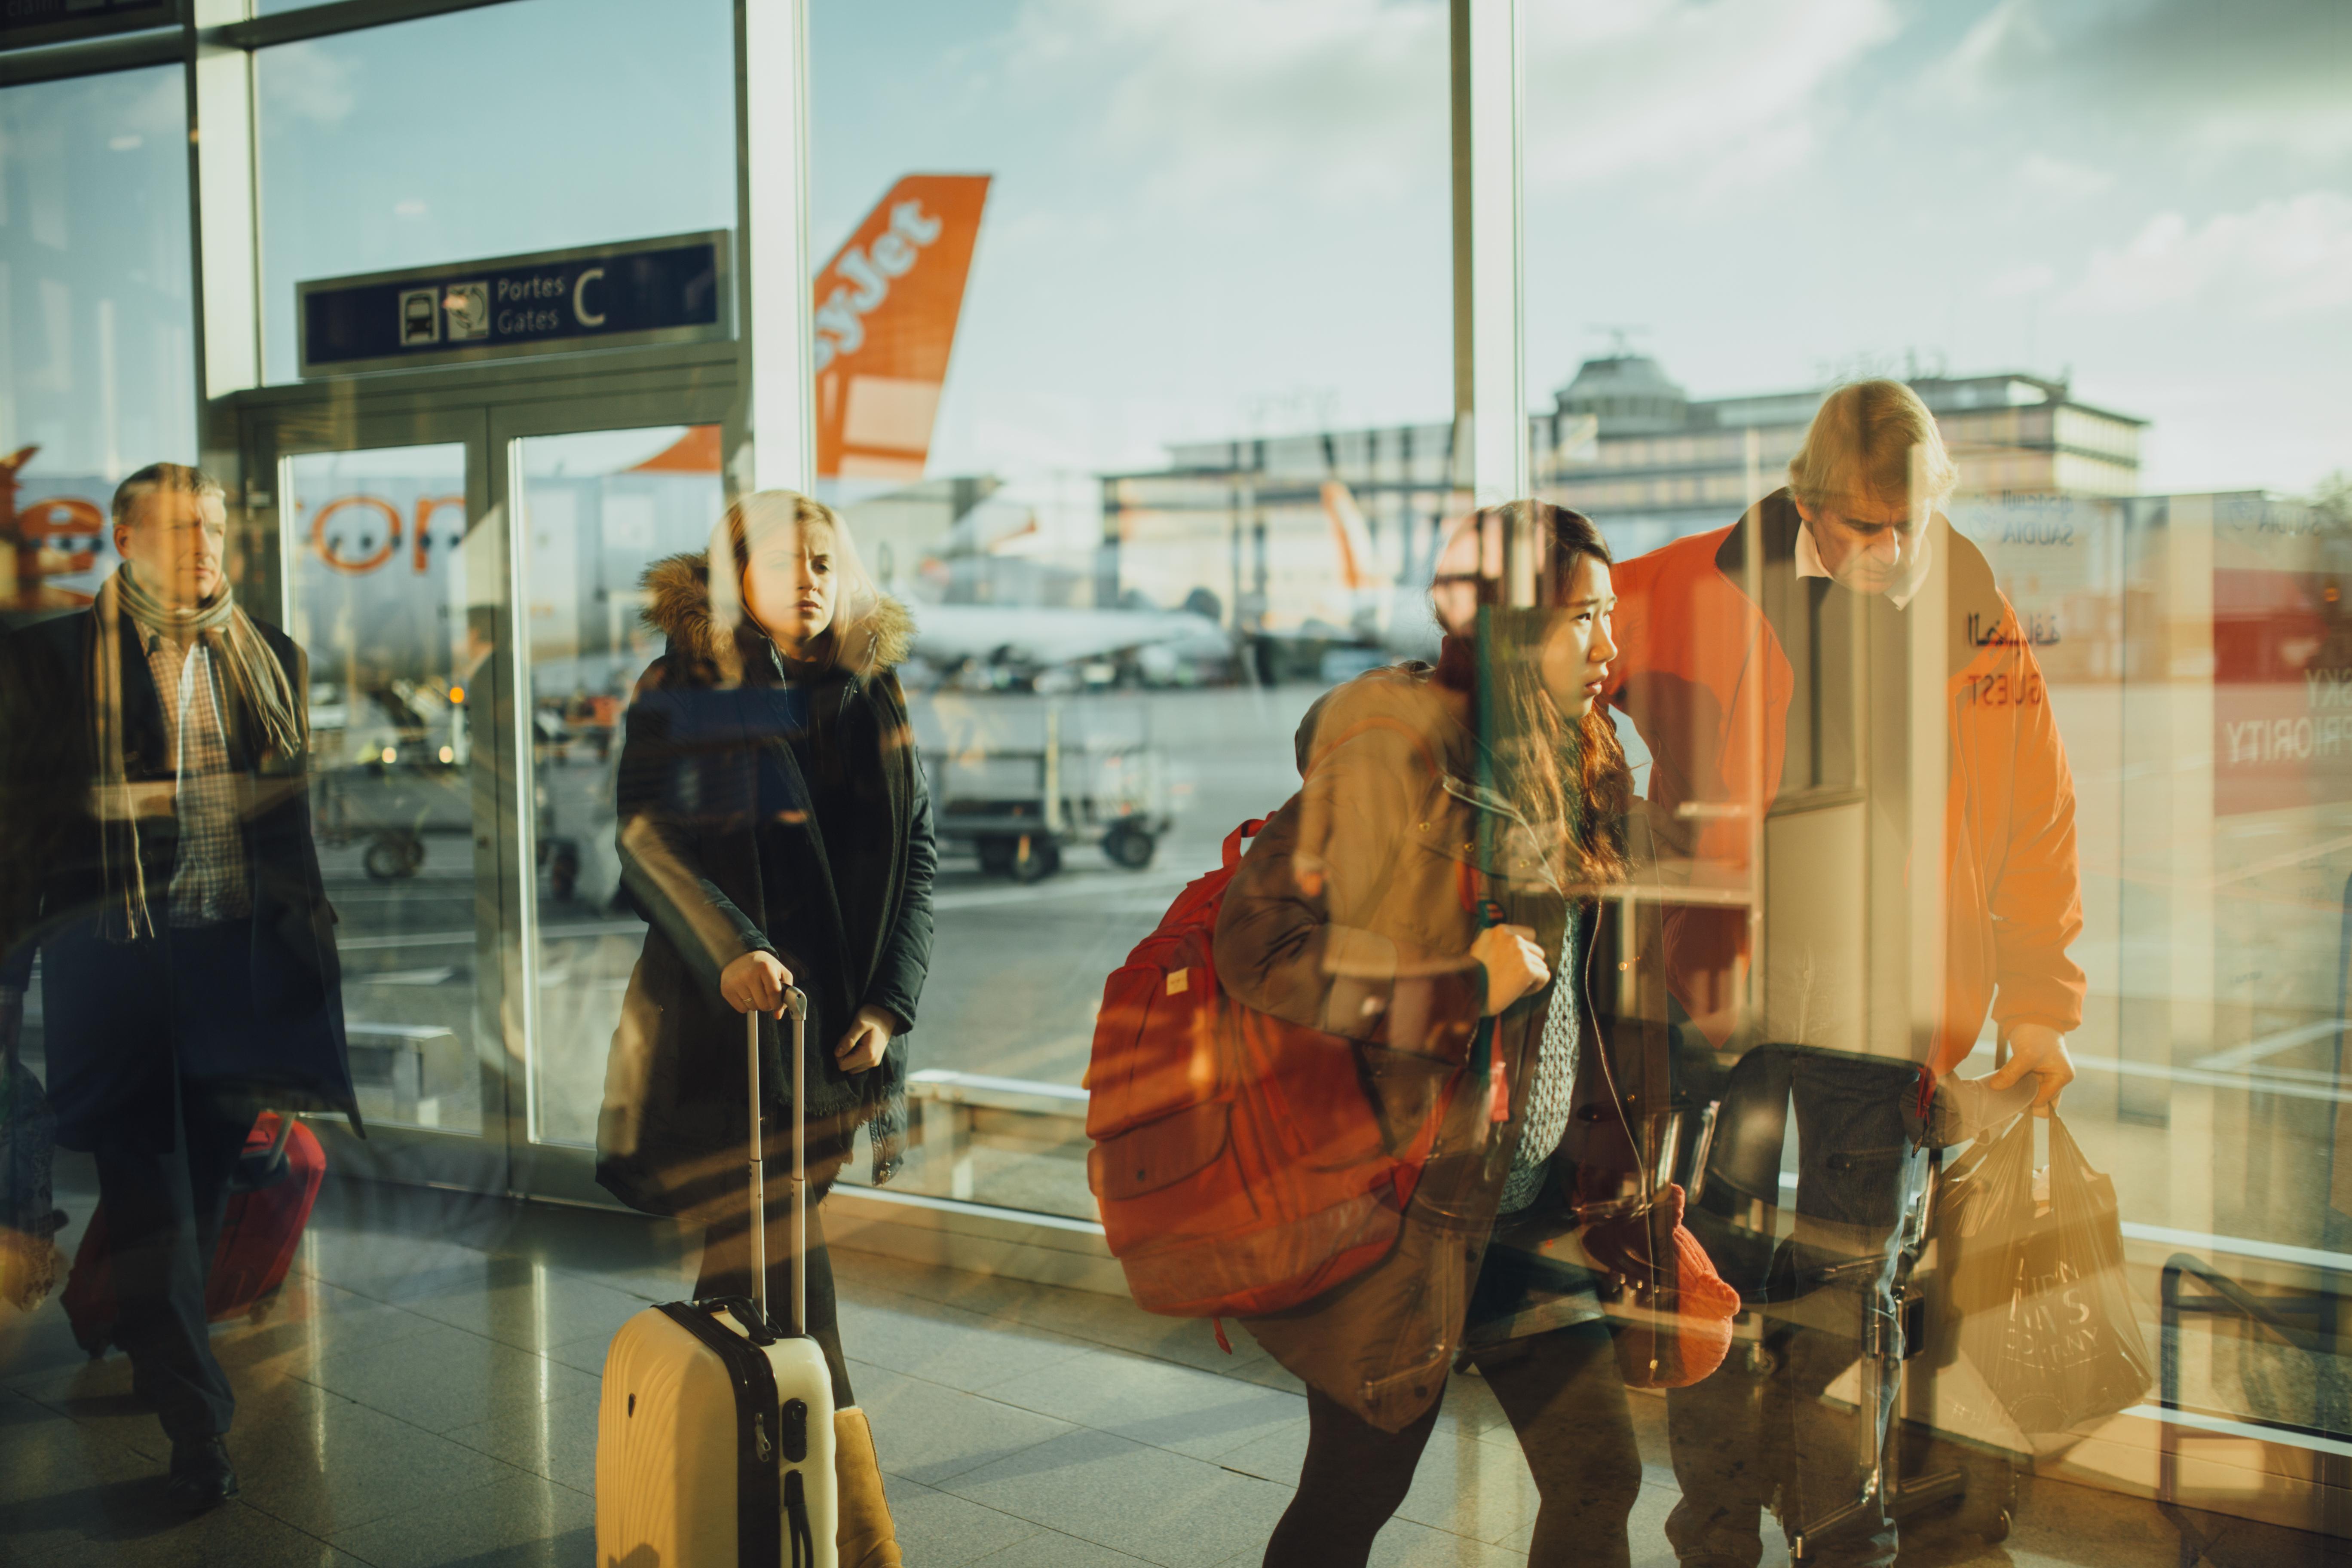 Erasmus (zdroj: pexels.com)